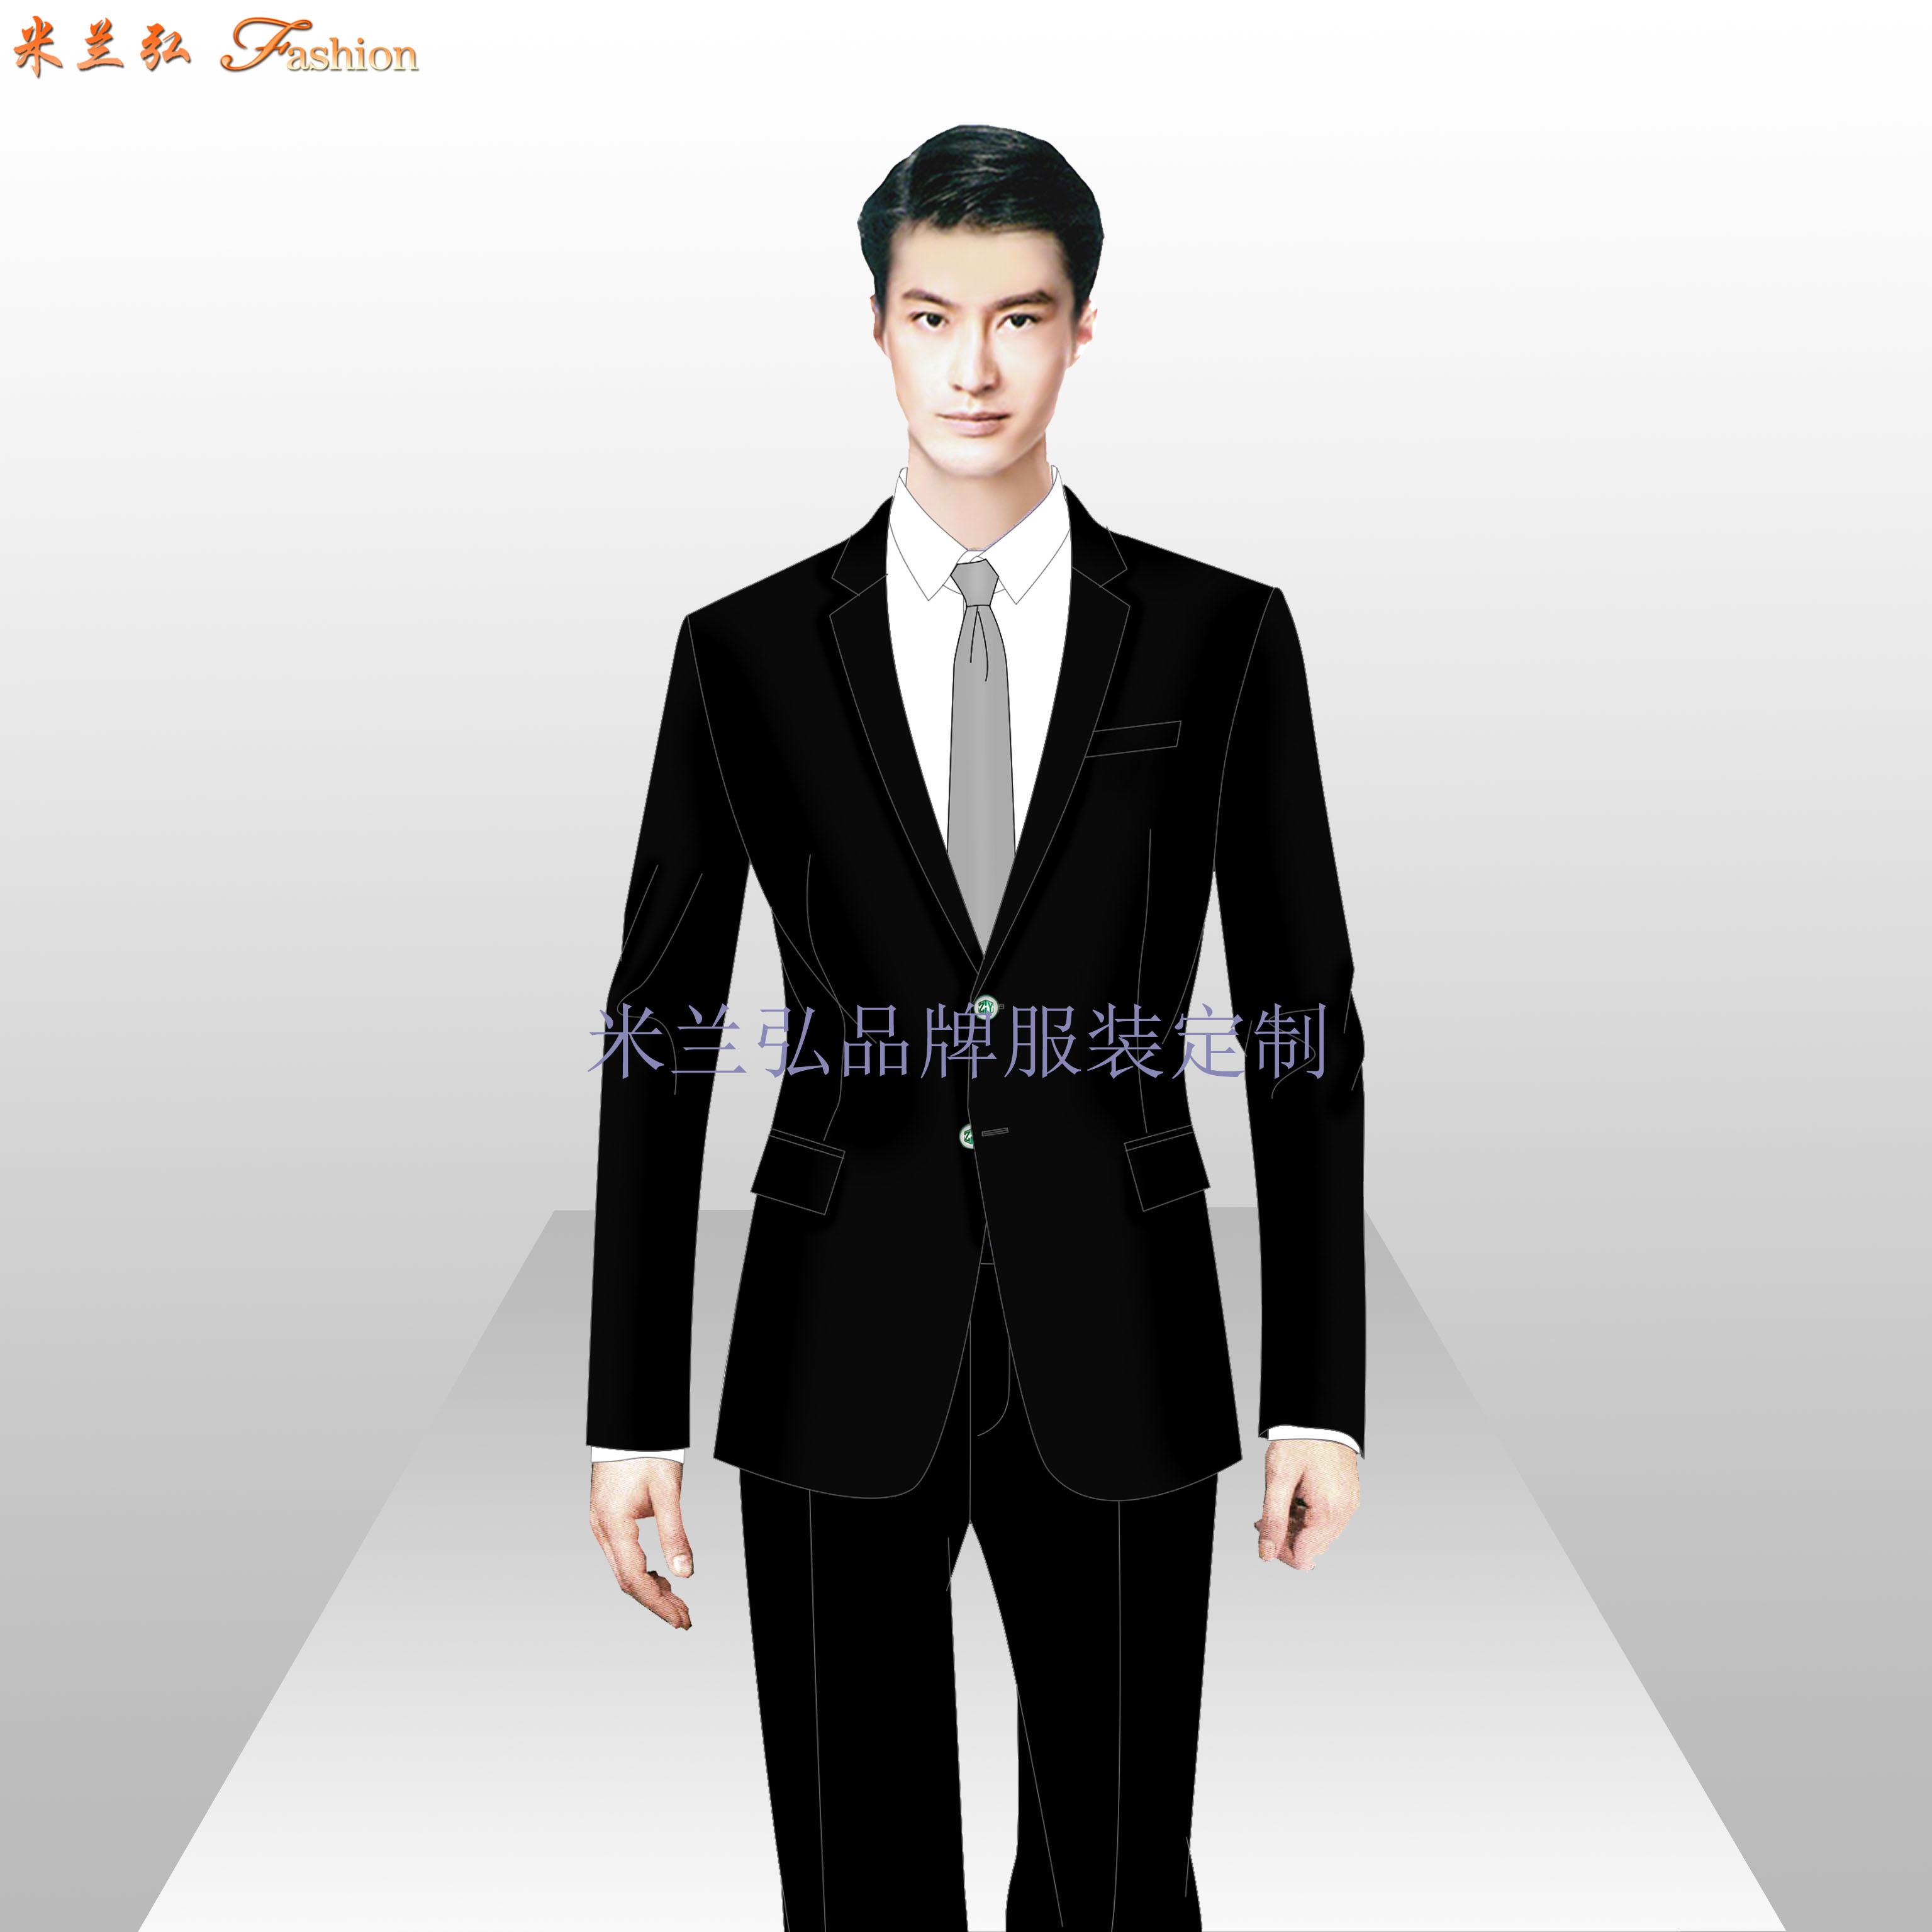 貴州職業裝定做-男女士職業裝訂做廠家-米蘭弘服裝-5